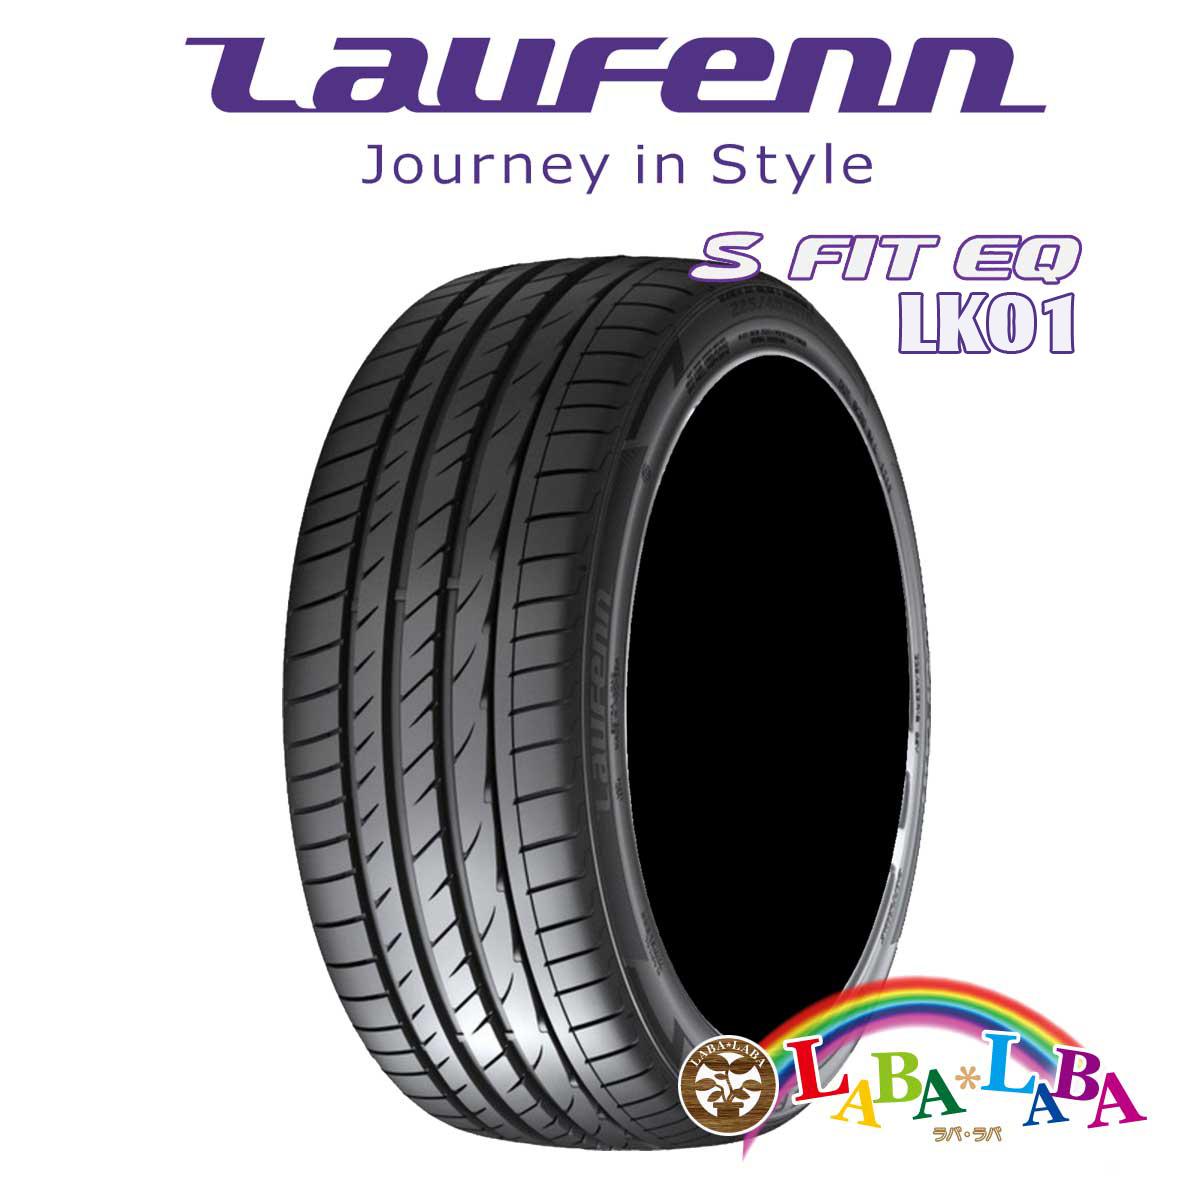 HANKOOK LAUFENN ハンコック ラウフェン S Fit EQ エスフィット LK01 205/60R16 92V サマータイヤ 4本セット